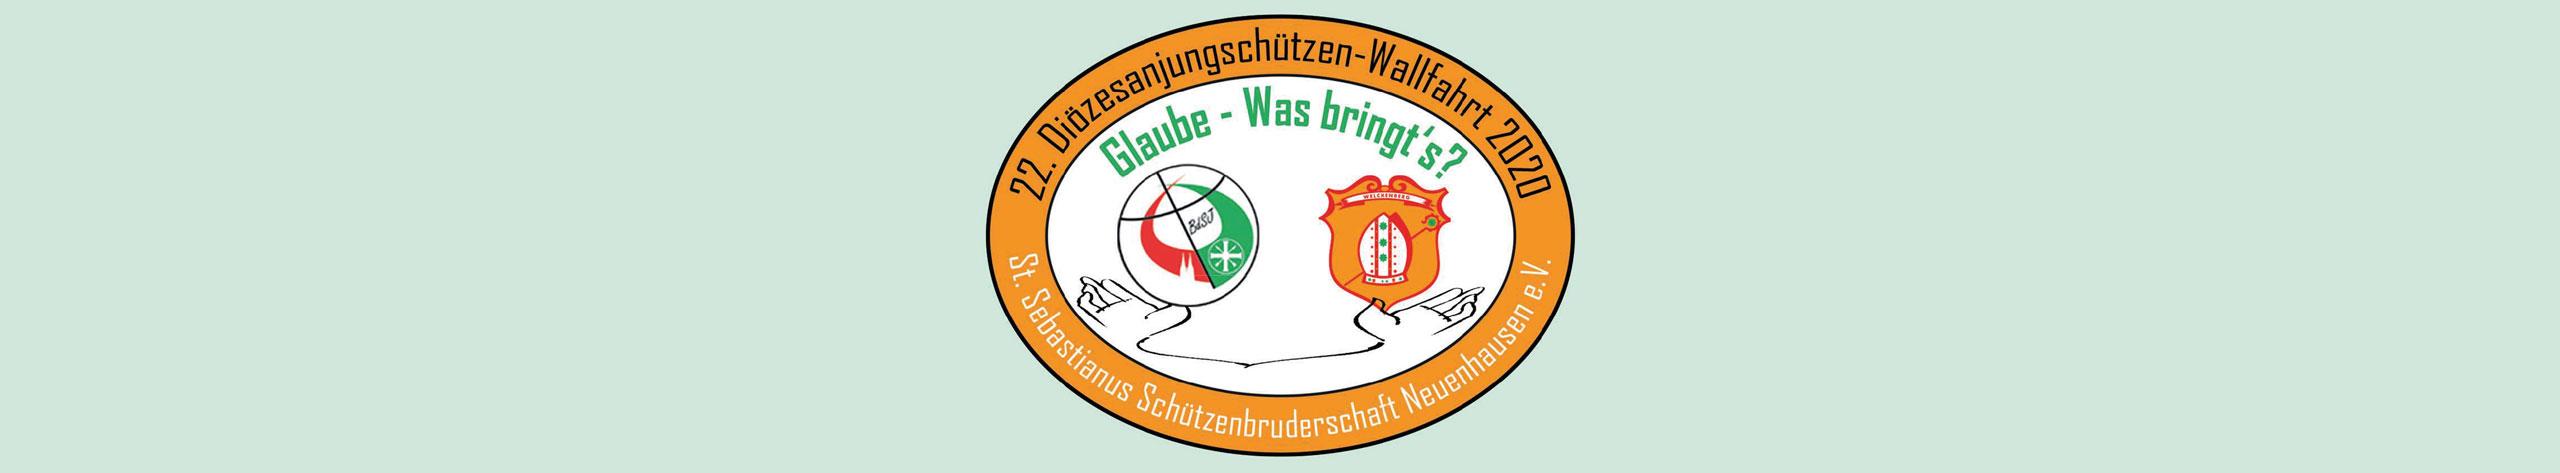 St. Sebastianus Schützenbruderschaft Neuenhausen